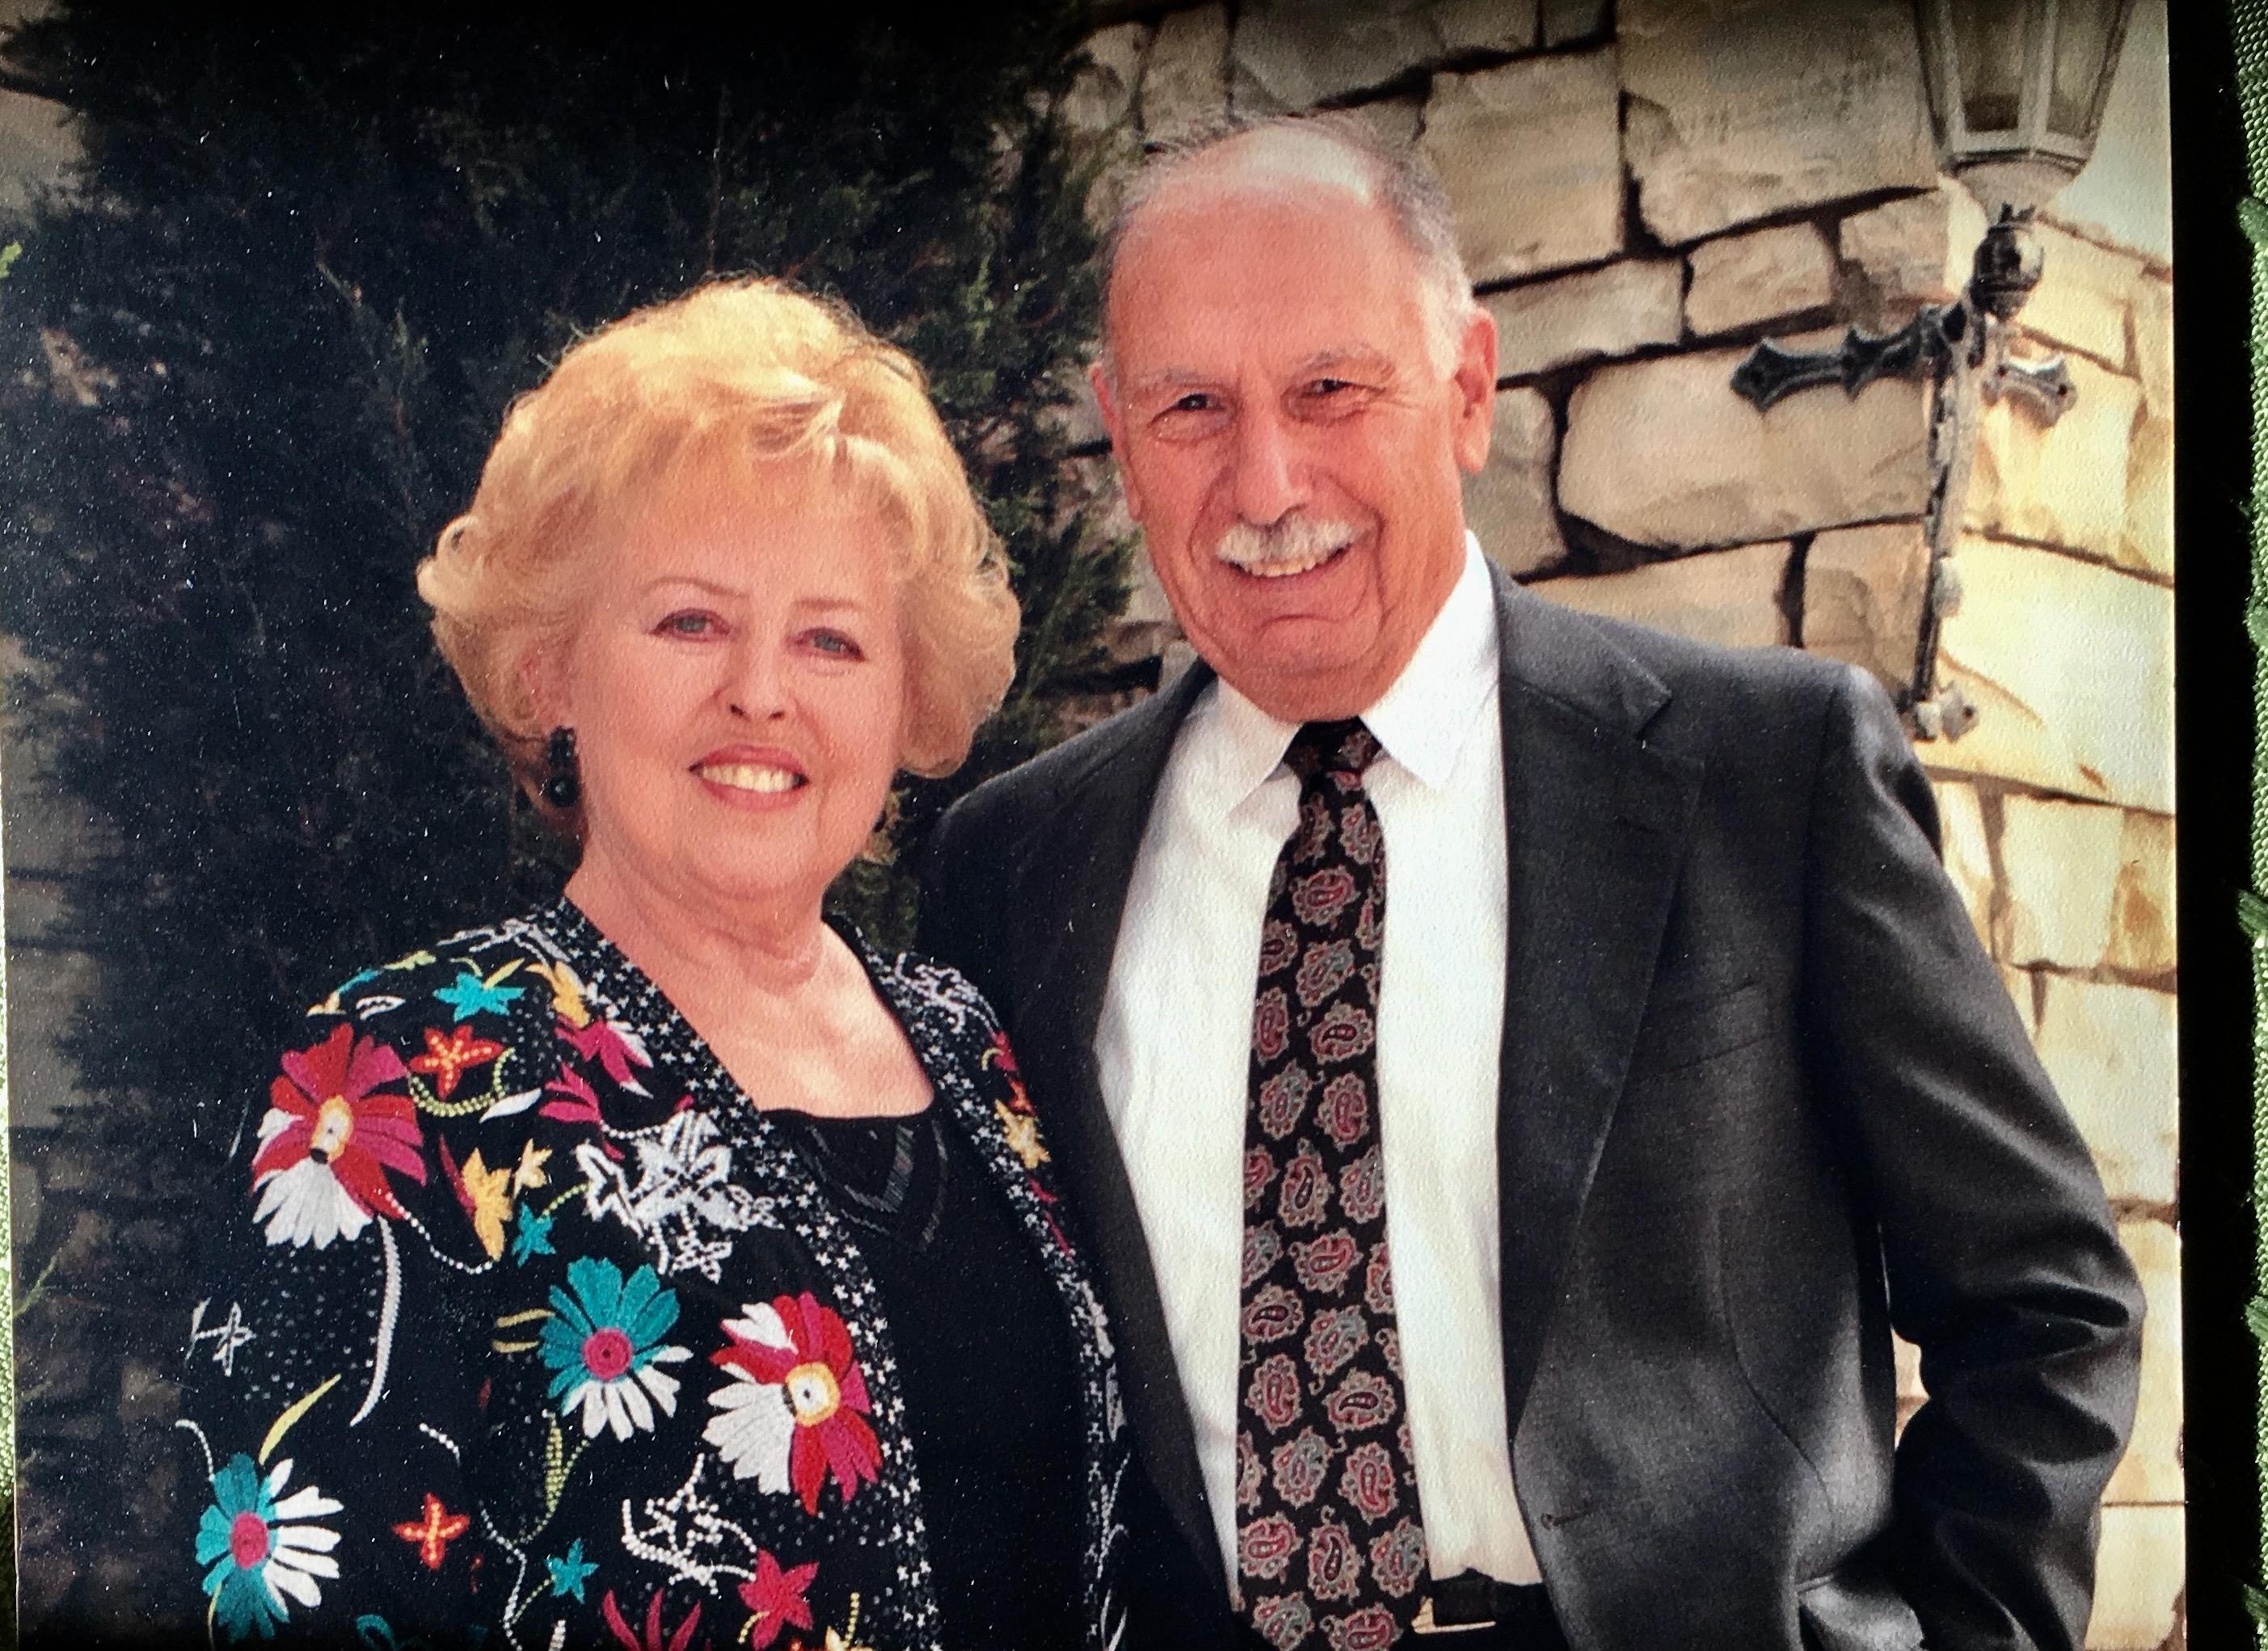 Susan and Jim Swenson